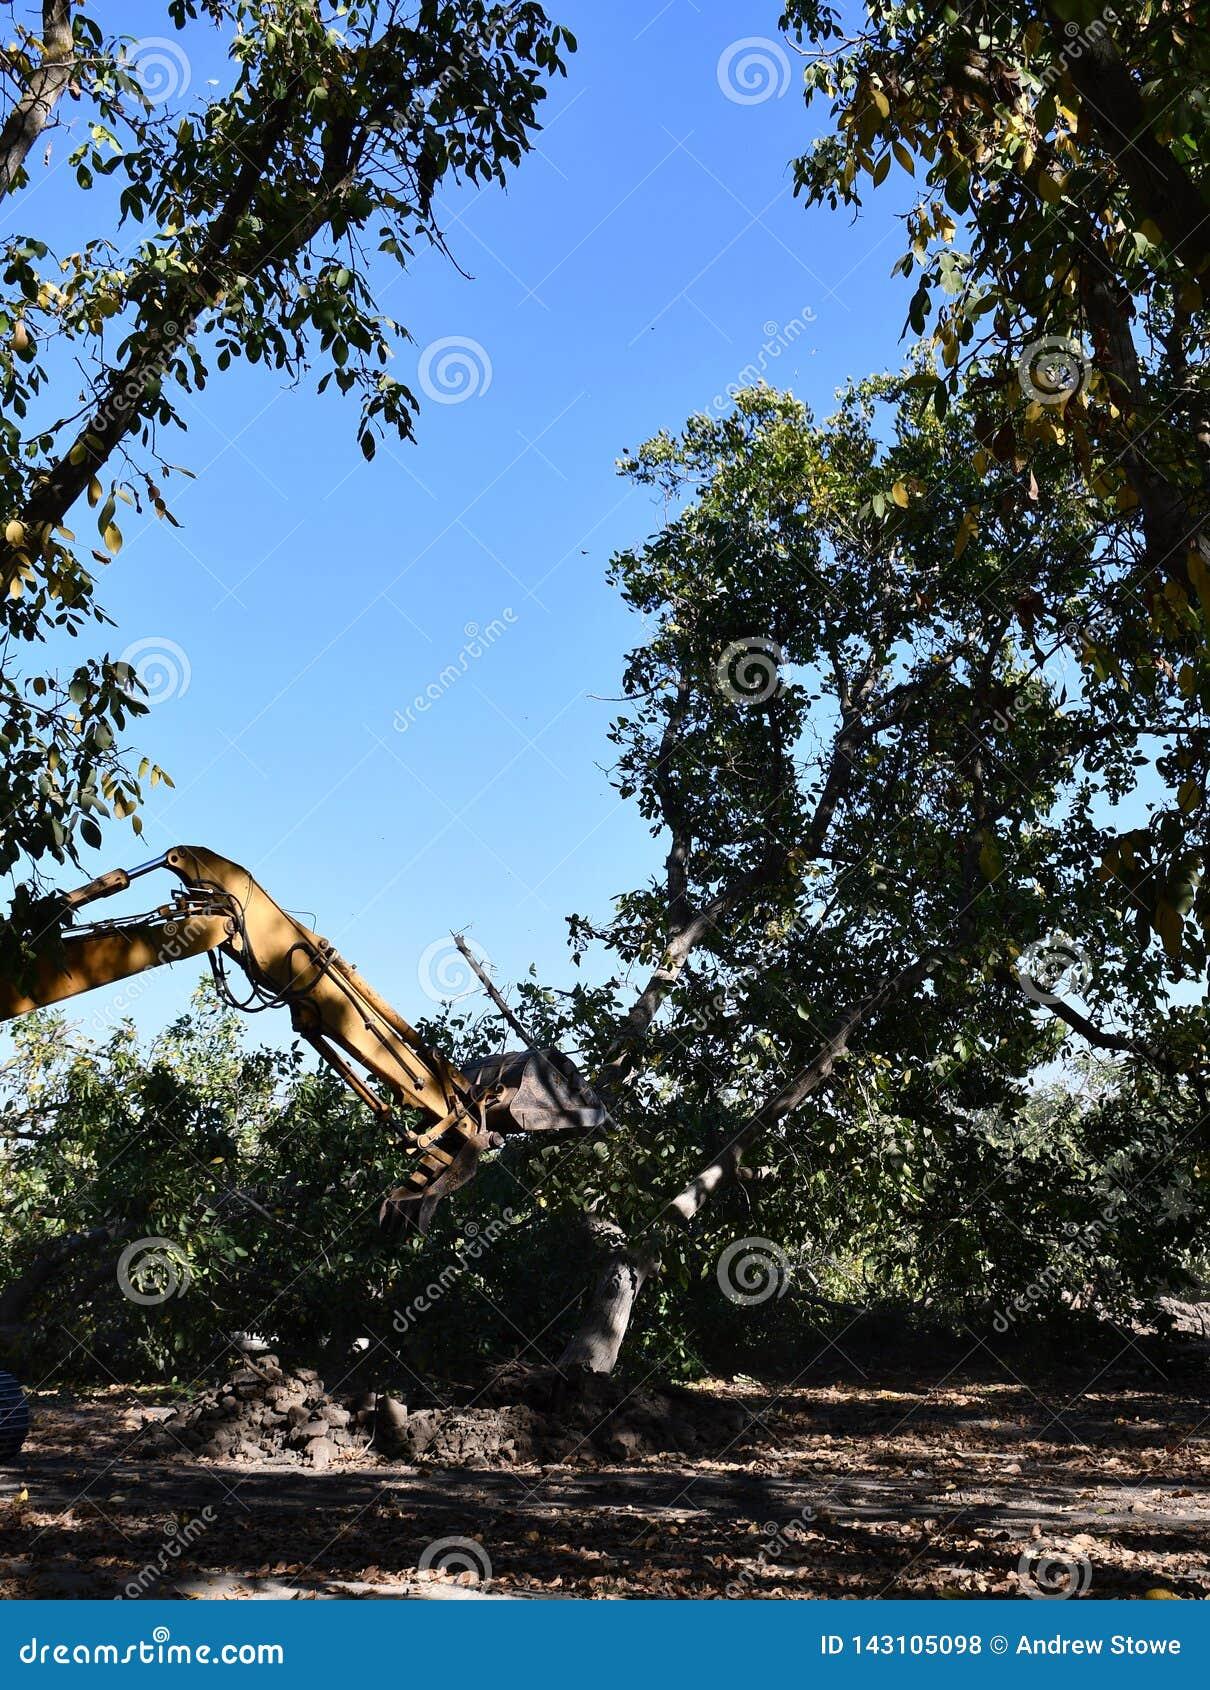 Het graafwerktuig dat wordt gebruikt werd om boom-stompen en wortels na het bos bloot te leggen verwijderd